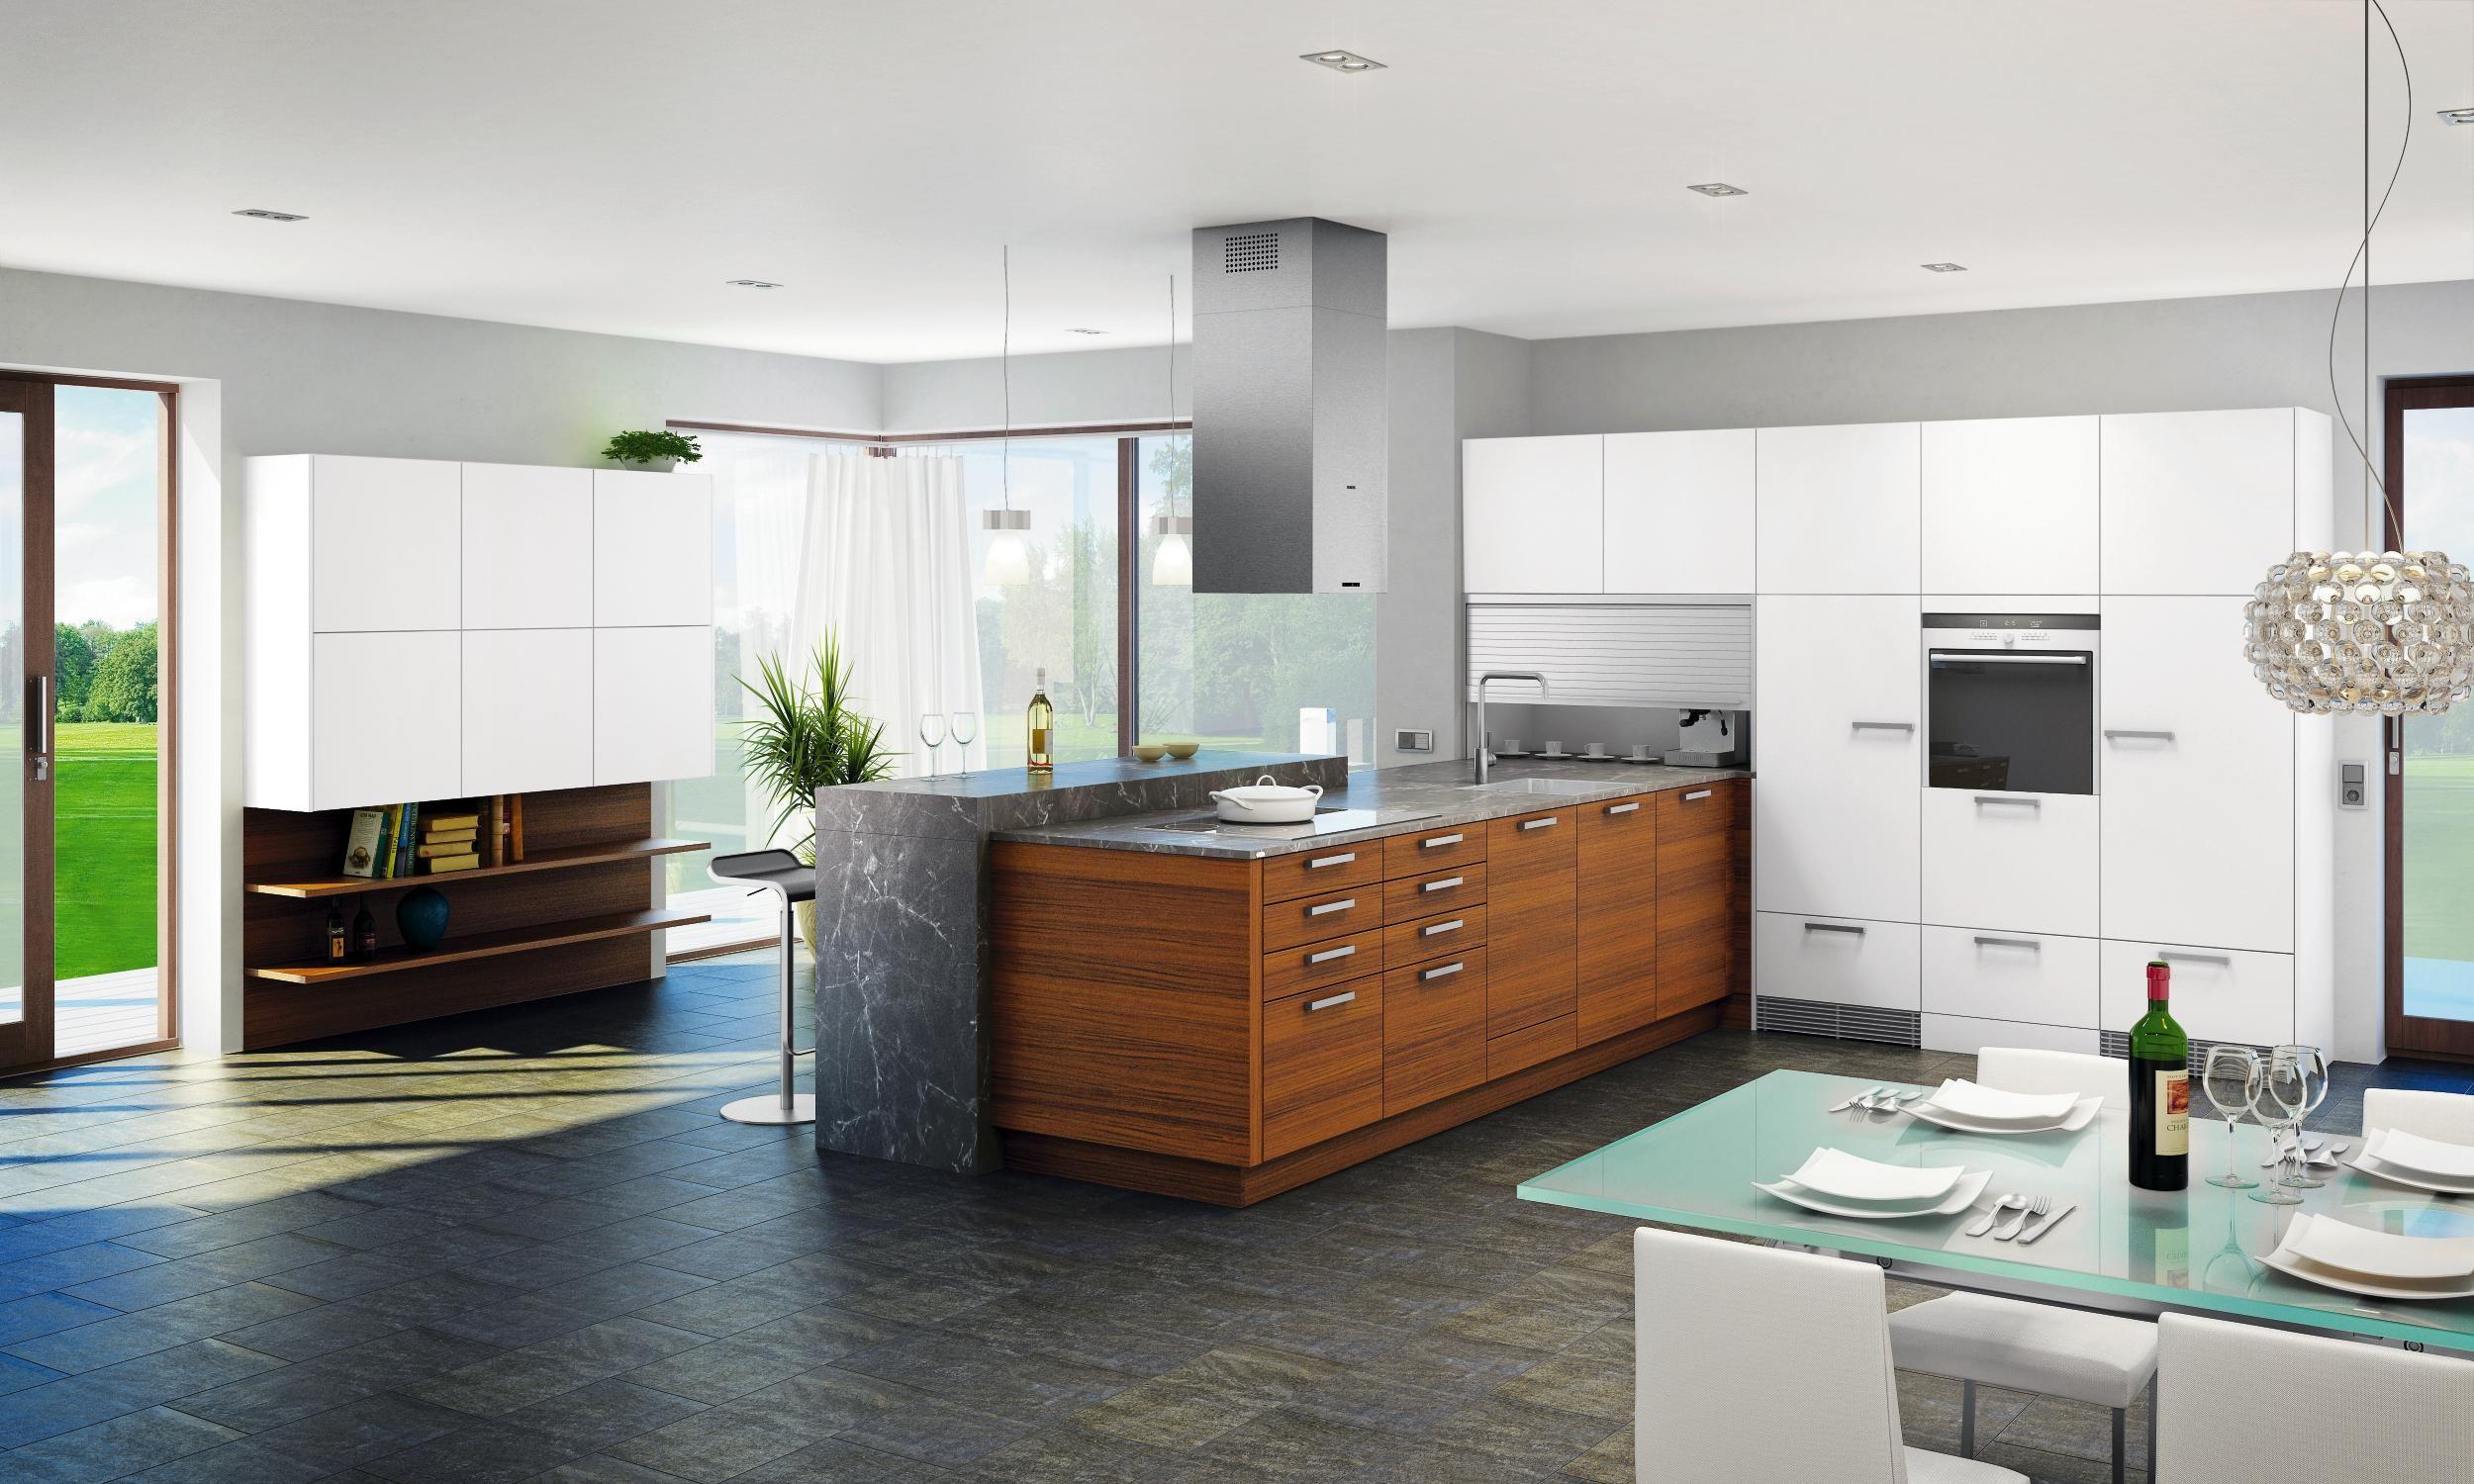 Atemberaubend Küchenfluoreszenzlichtabdeckungen Bilder - Ideen Für ...